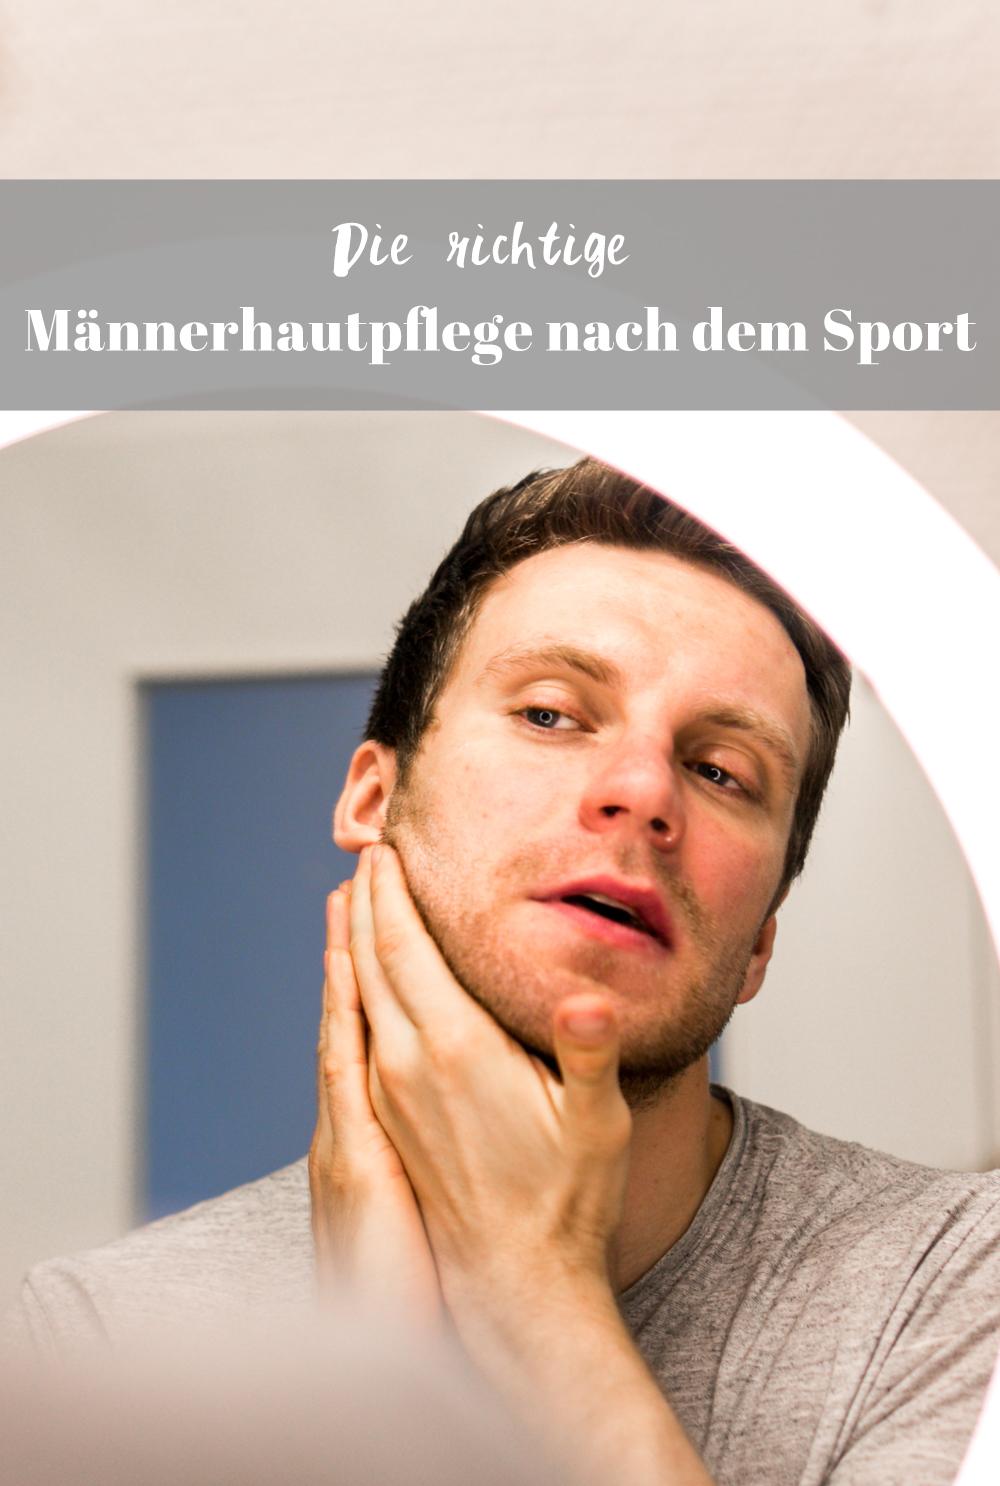 Männerhaut nach dem Sport pflegen i+m berlin